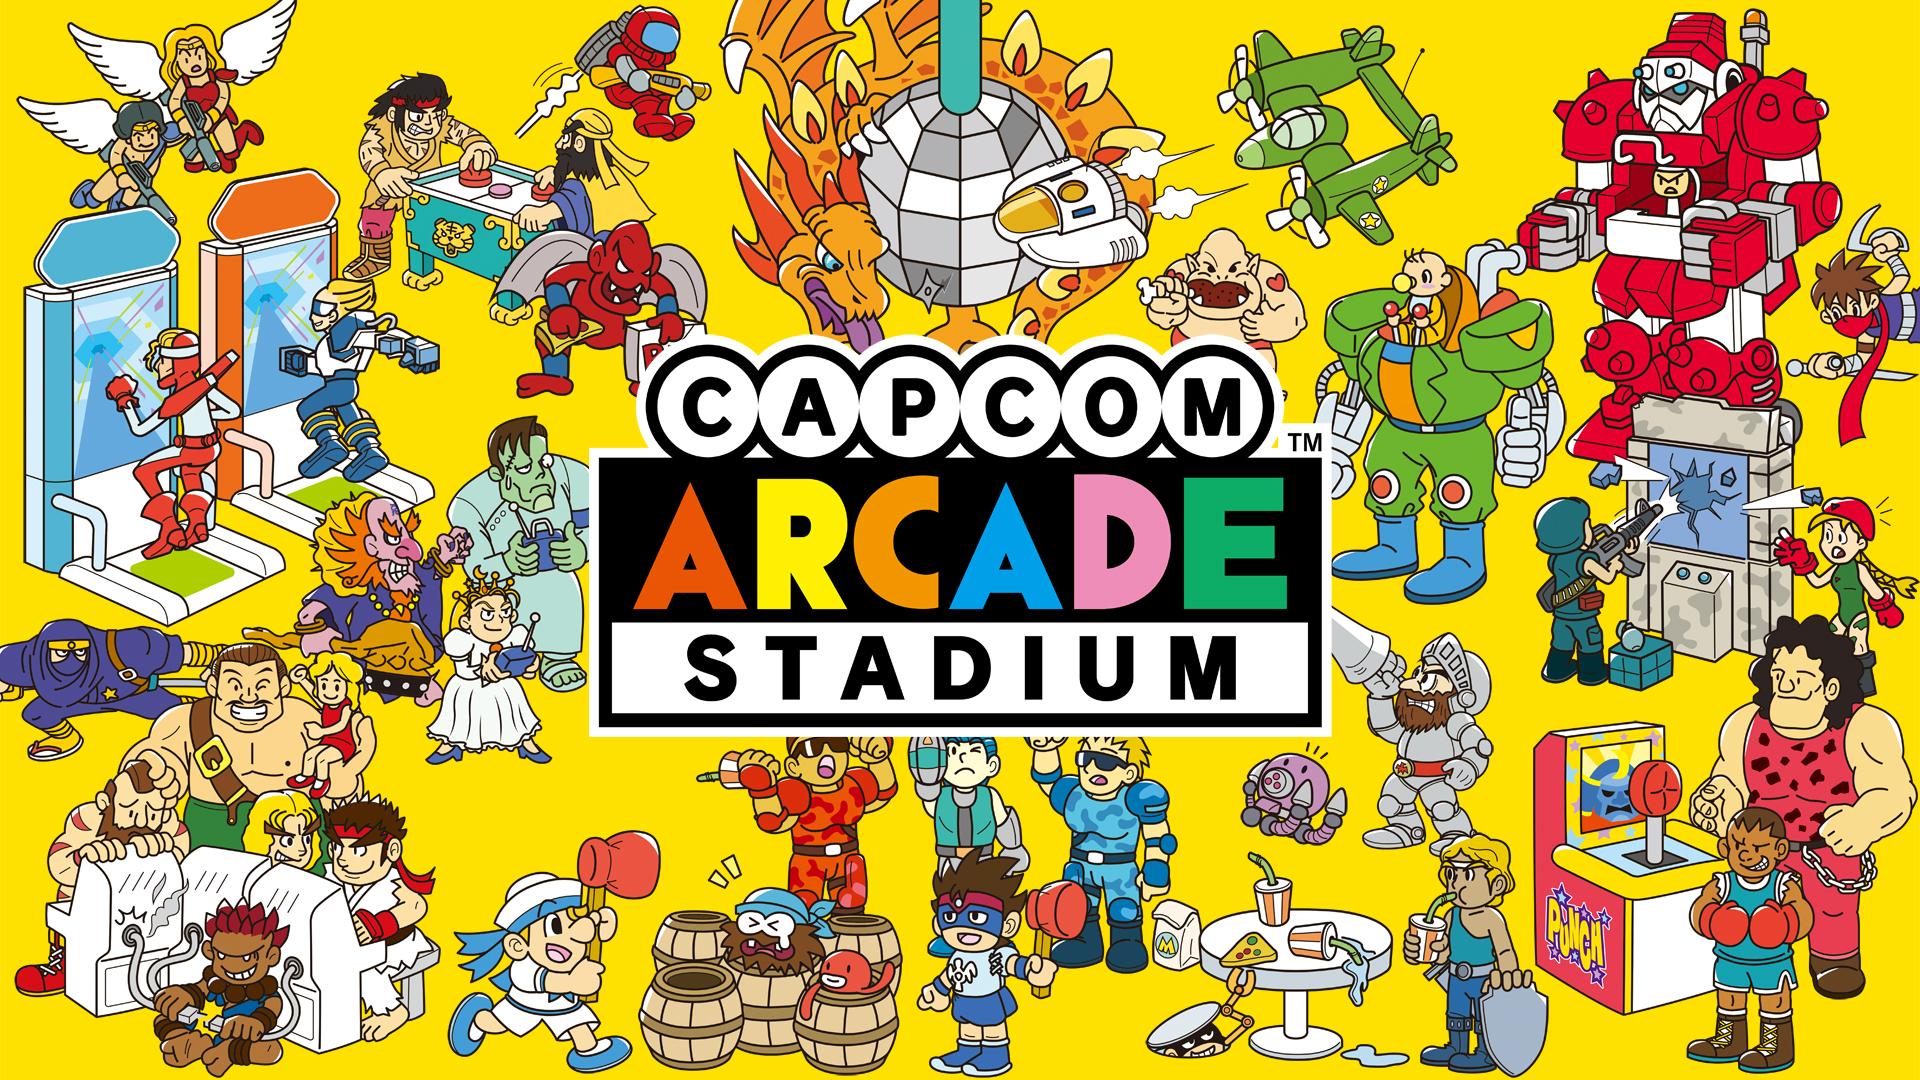 Ghosts 'n Goblins oraz 1943 The Battle of Midway za darmo w Capcom Arcade Stadium do 25 lutego @Nintendo Switch